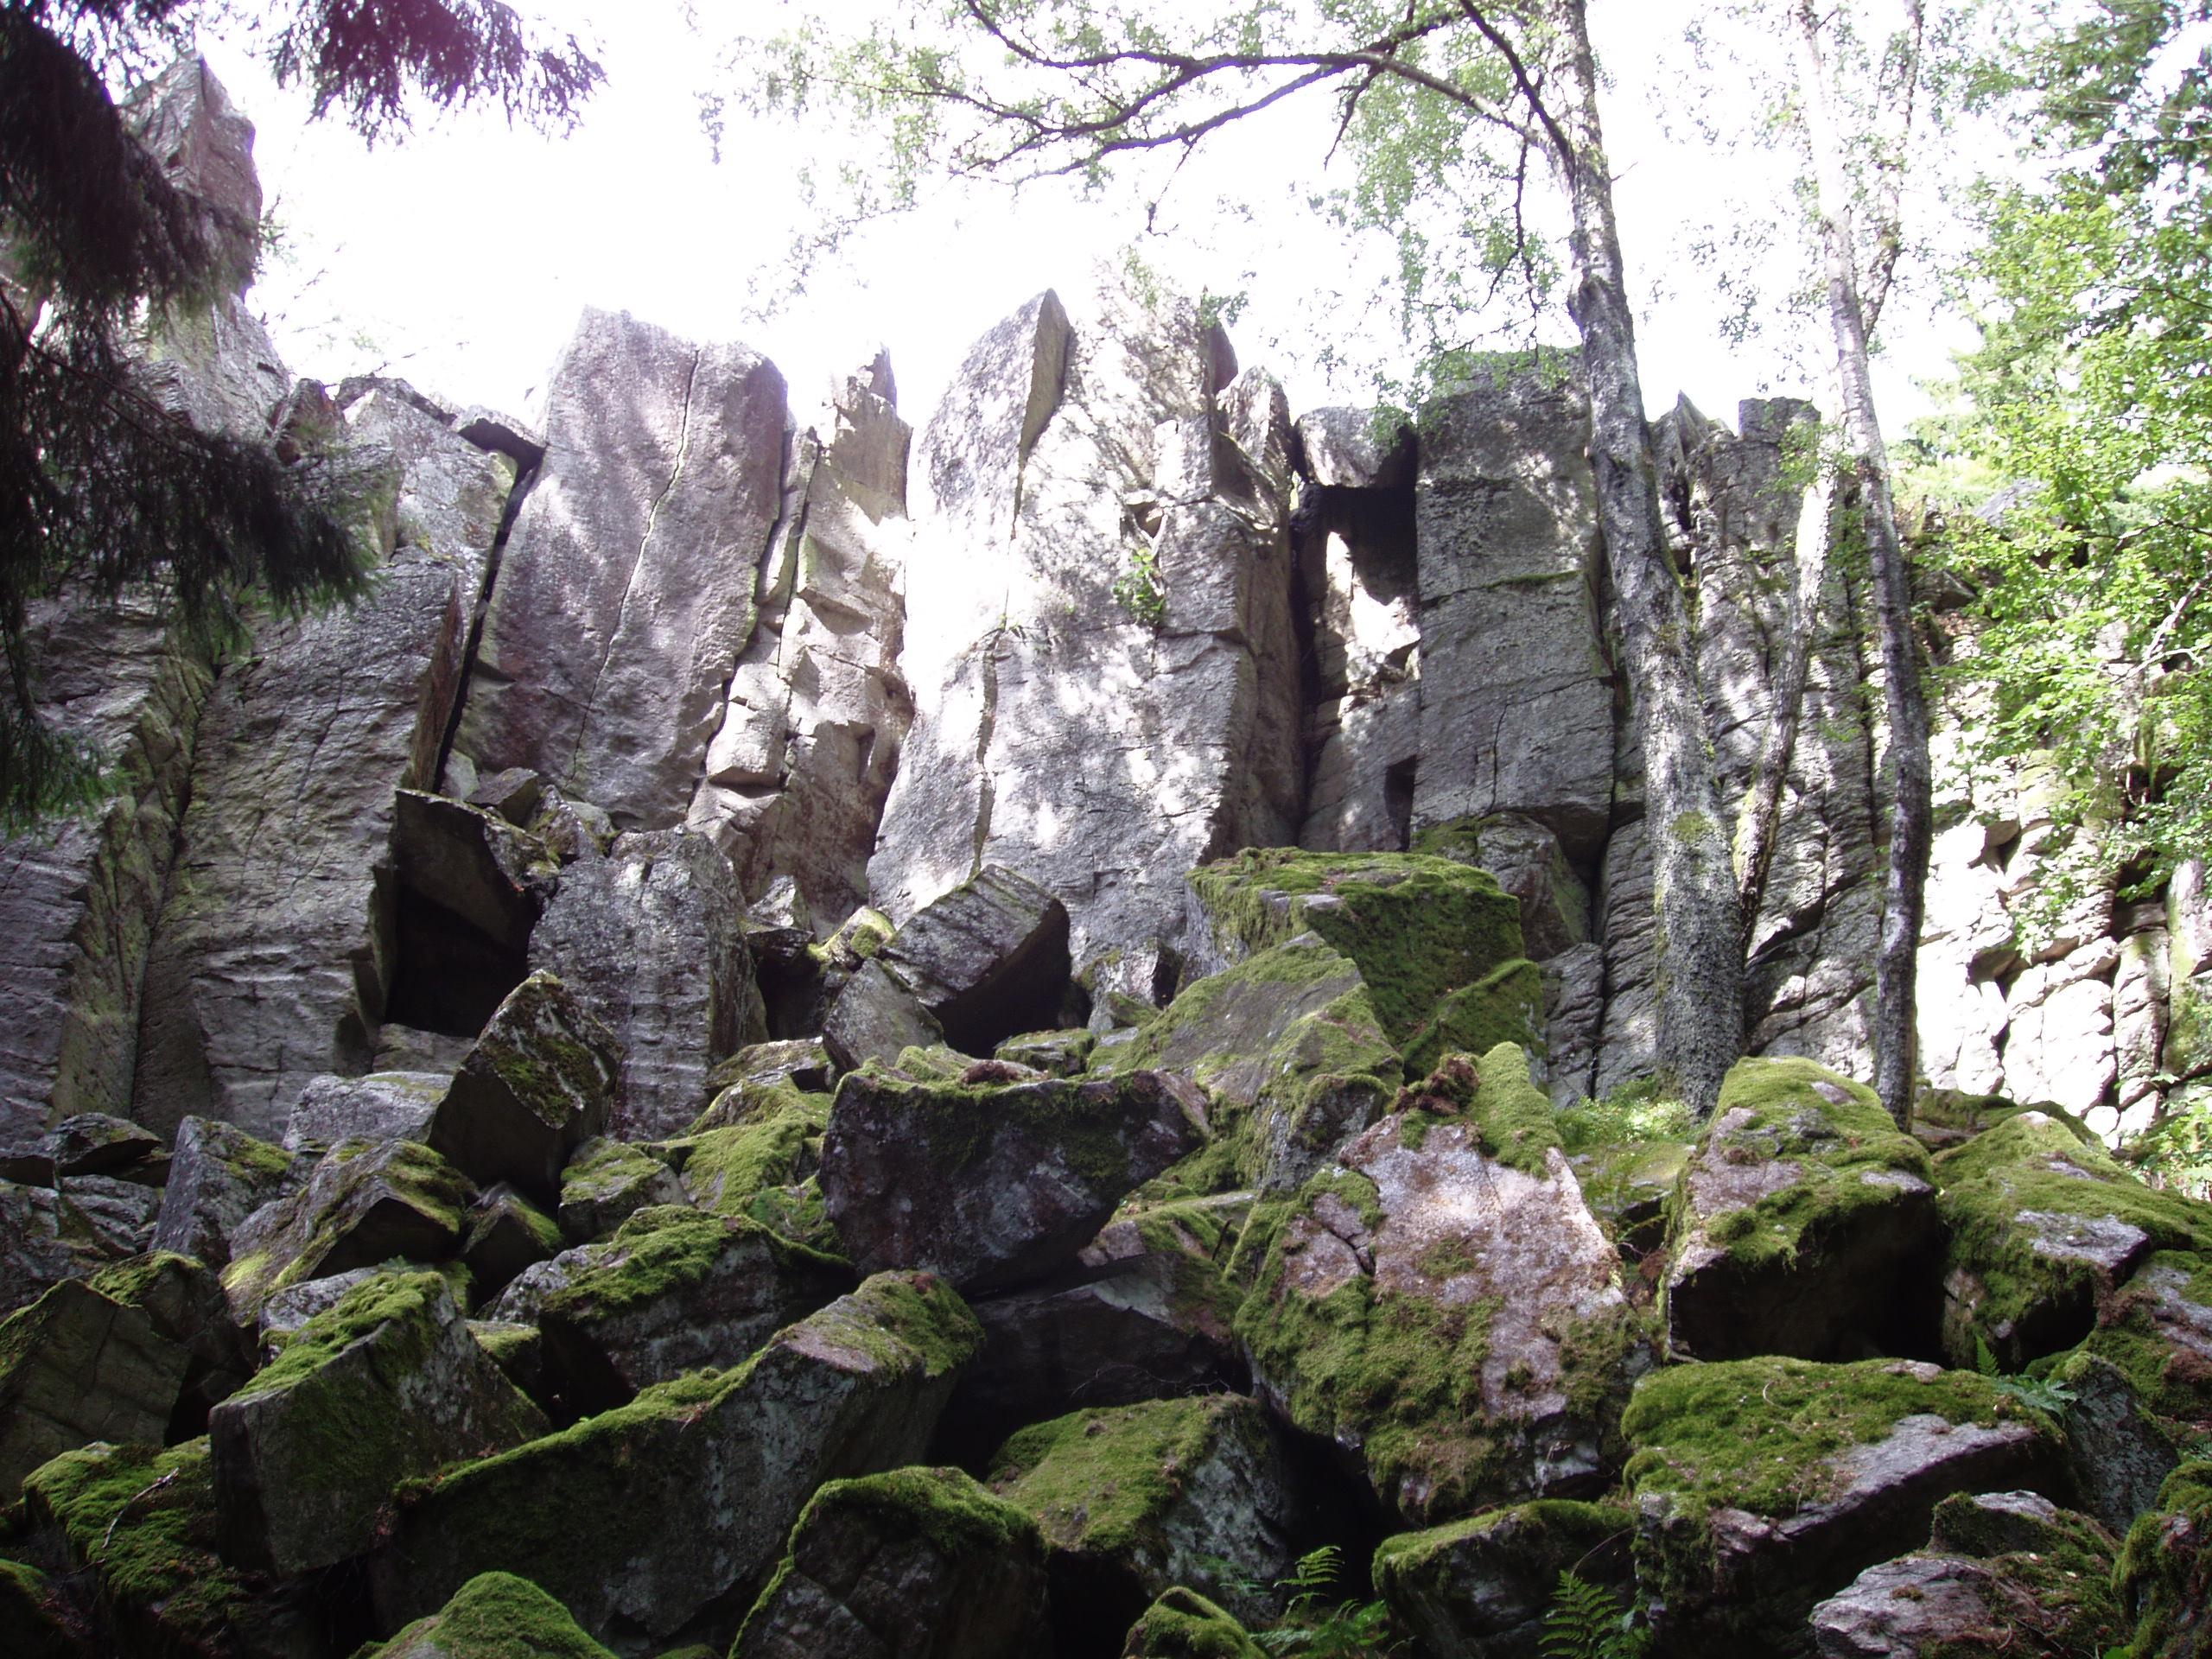 filesteinwand rhoenjpg - Steinwand